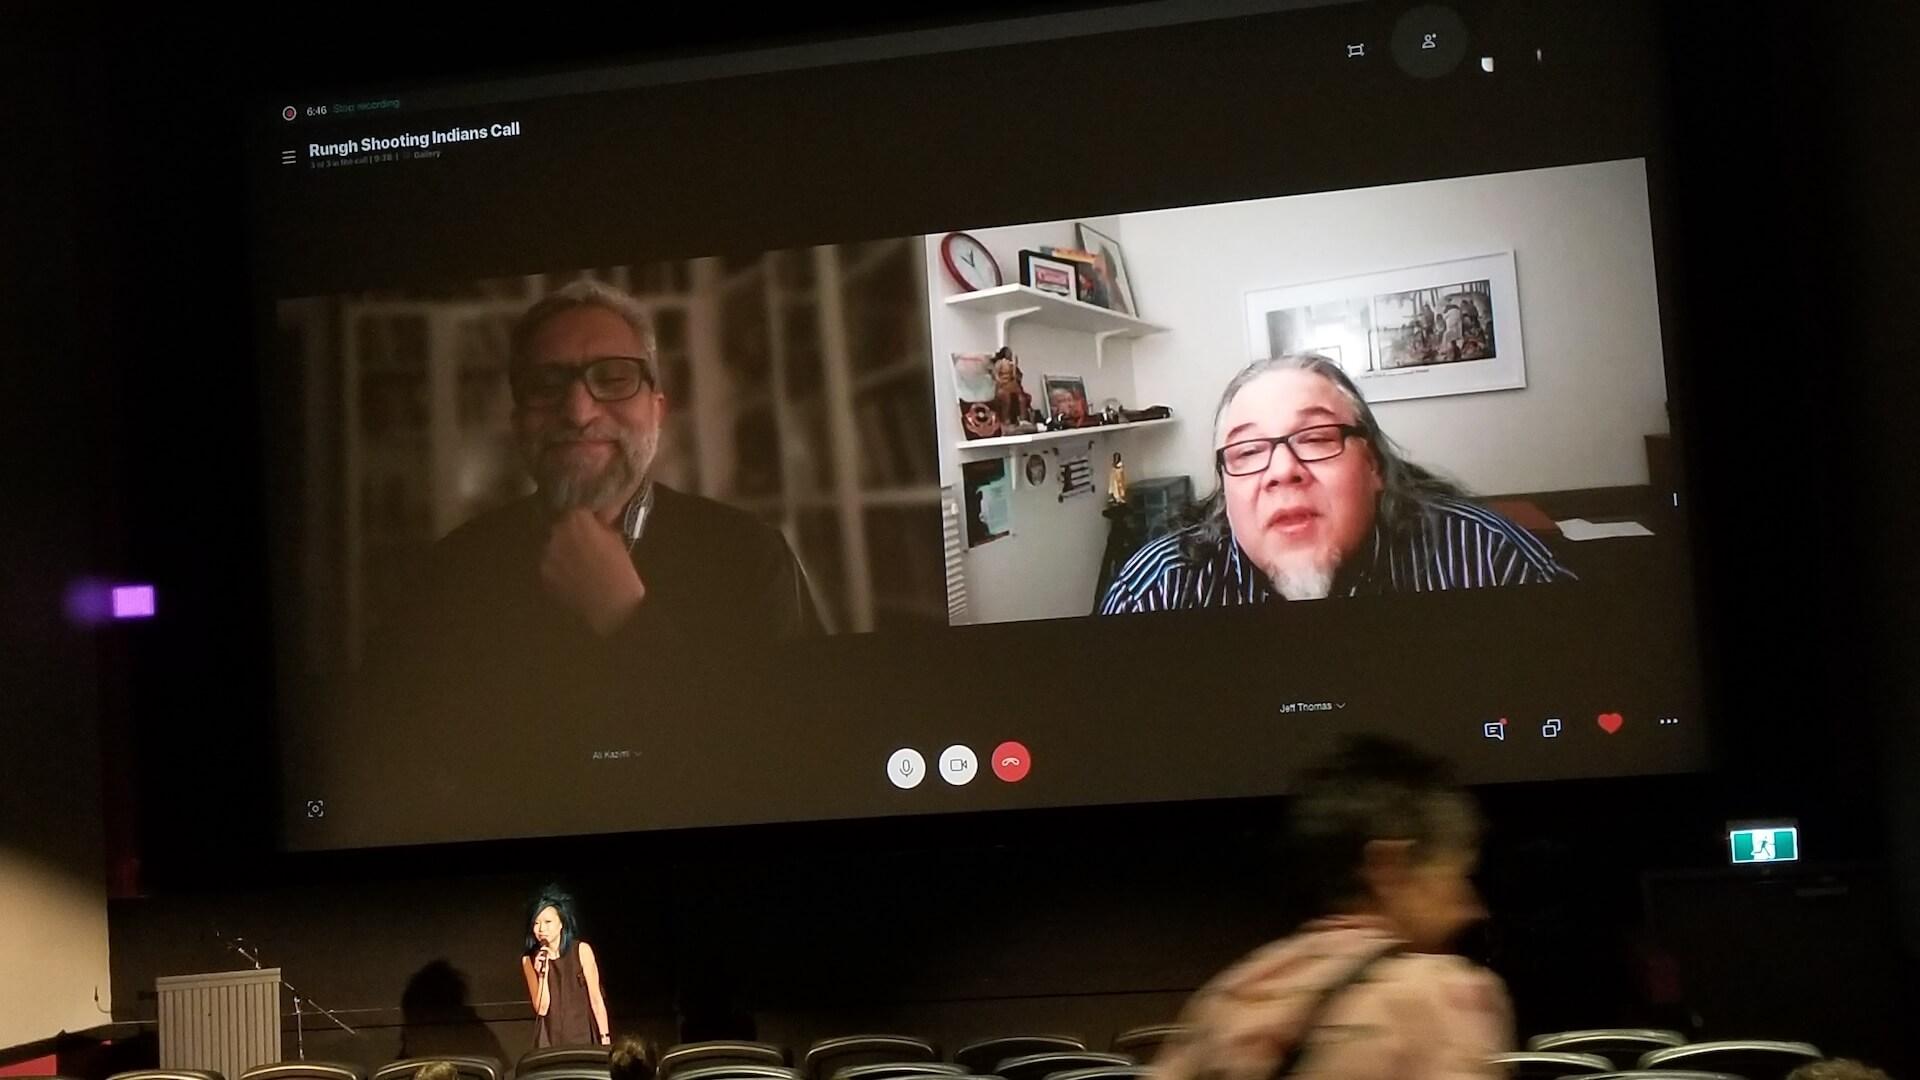 Ali Kazimi and Jeffrey Thomas, Skype interview